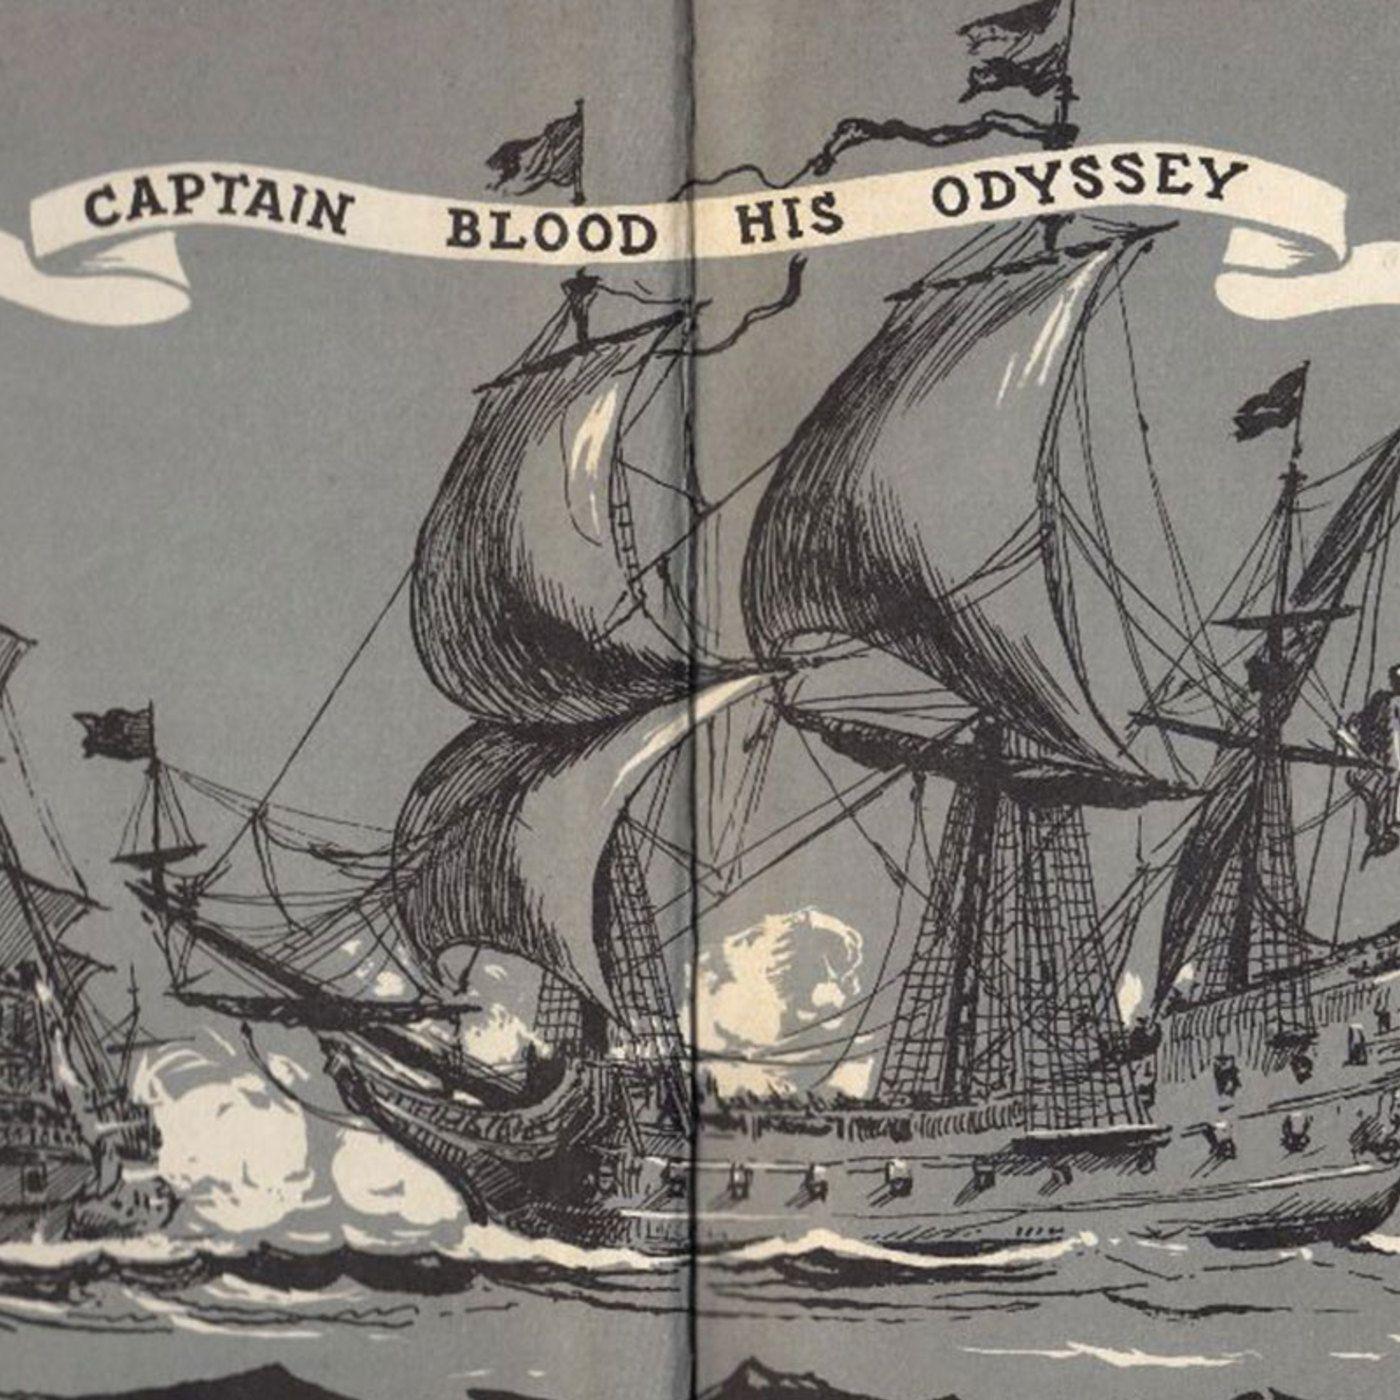 Как читать любимые книги по-новому. Лекция 3. Рафаэль Сабатини. «Одиссея капитана Блада»